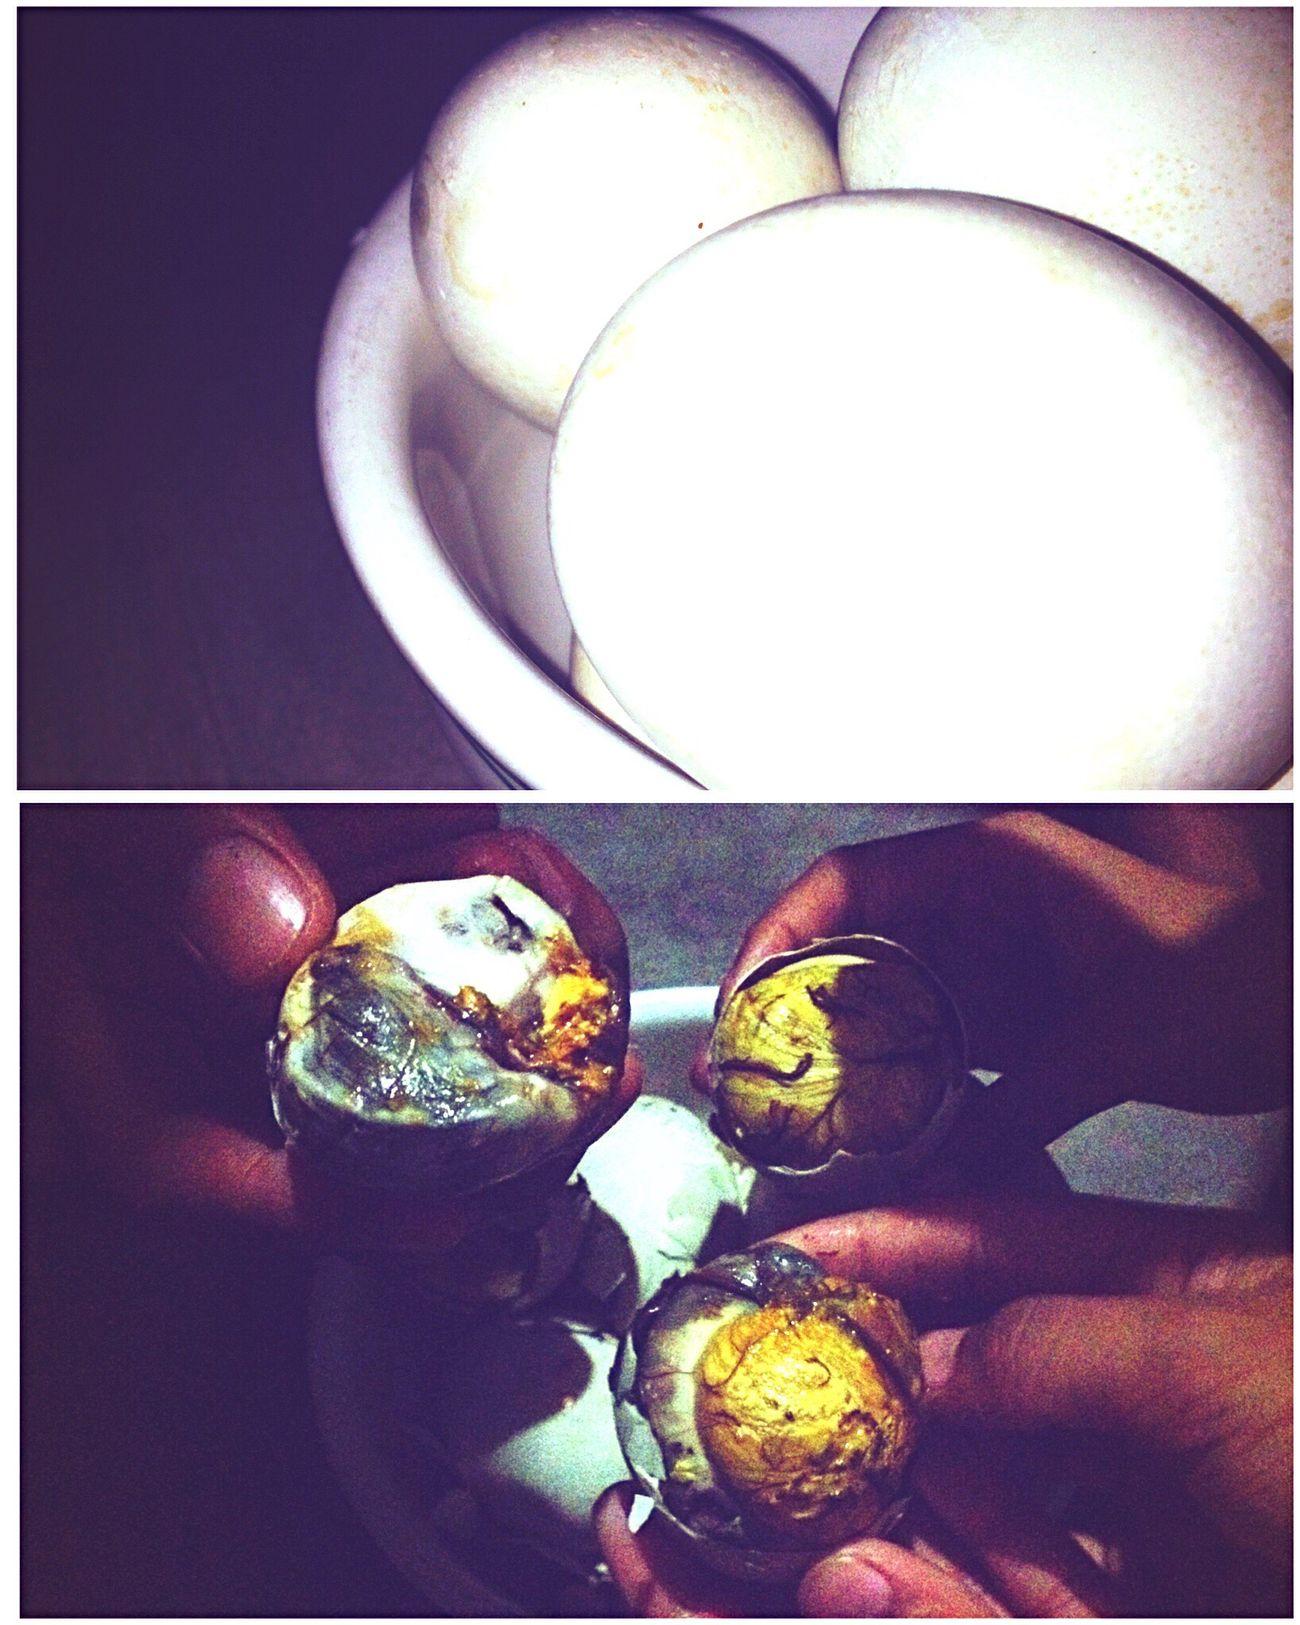 Balut... Balut Philippines